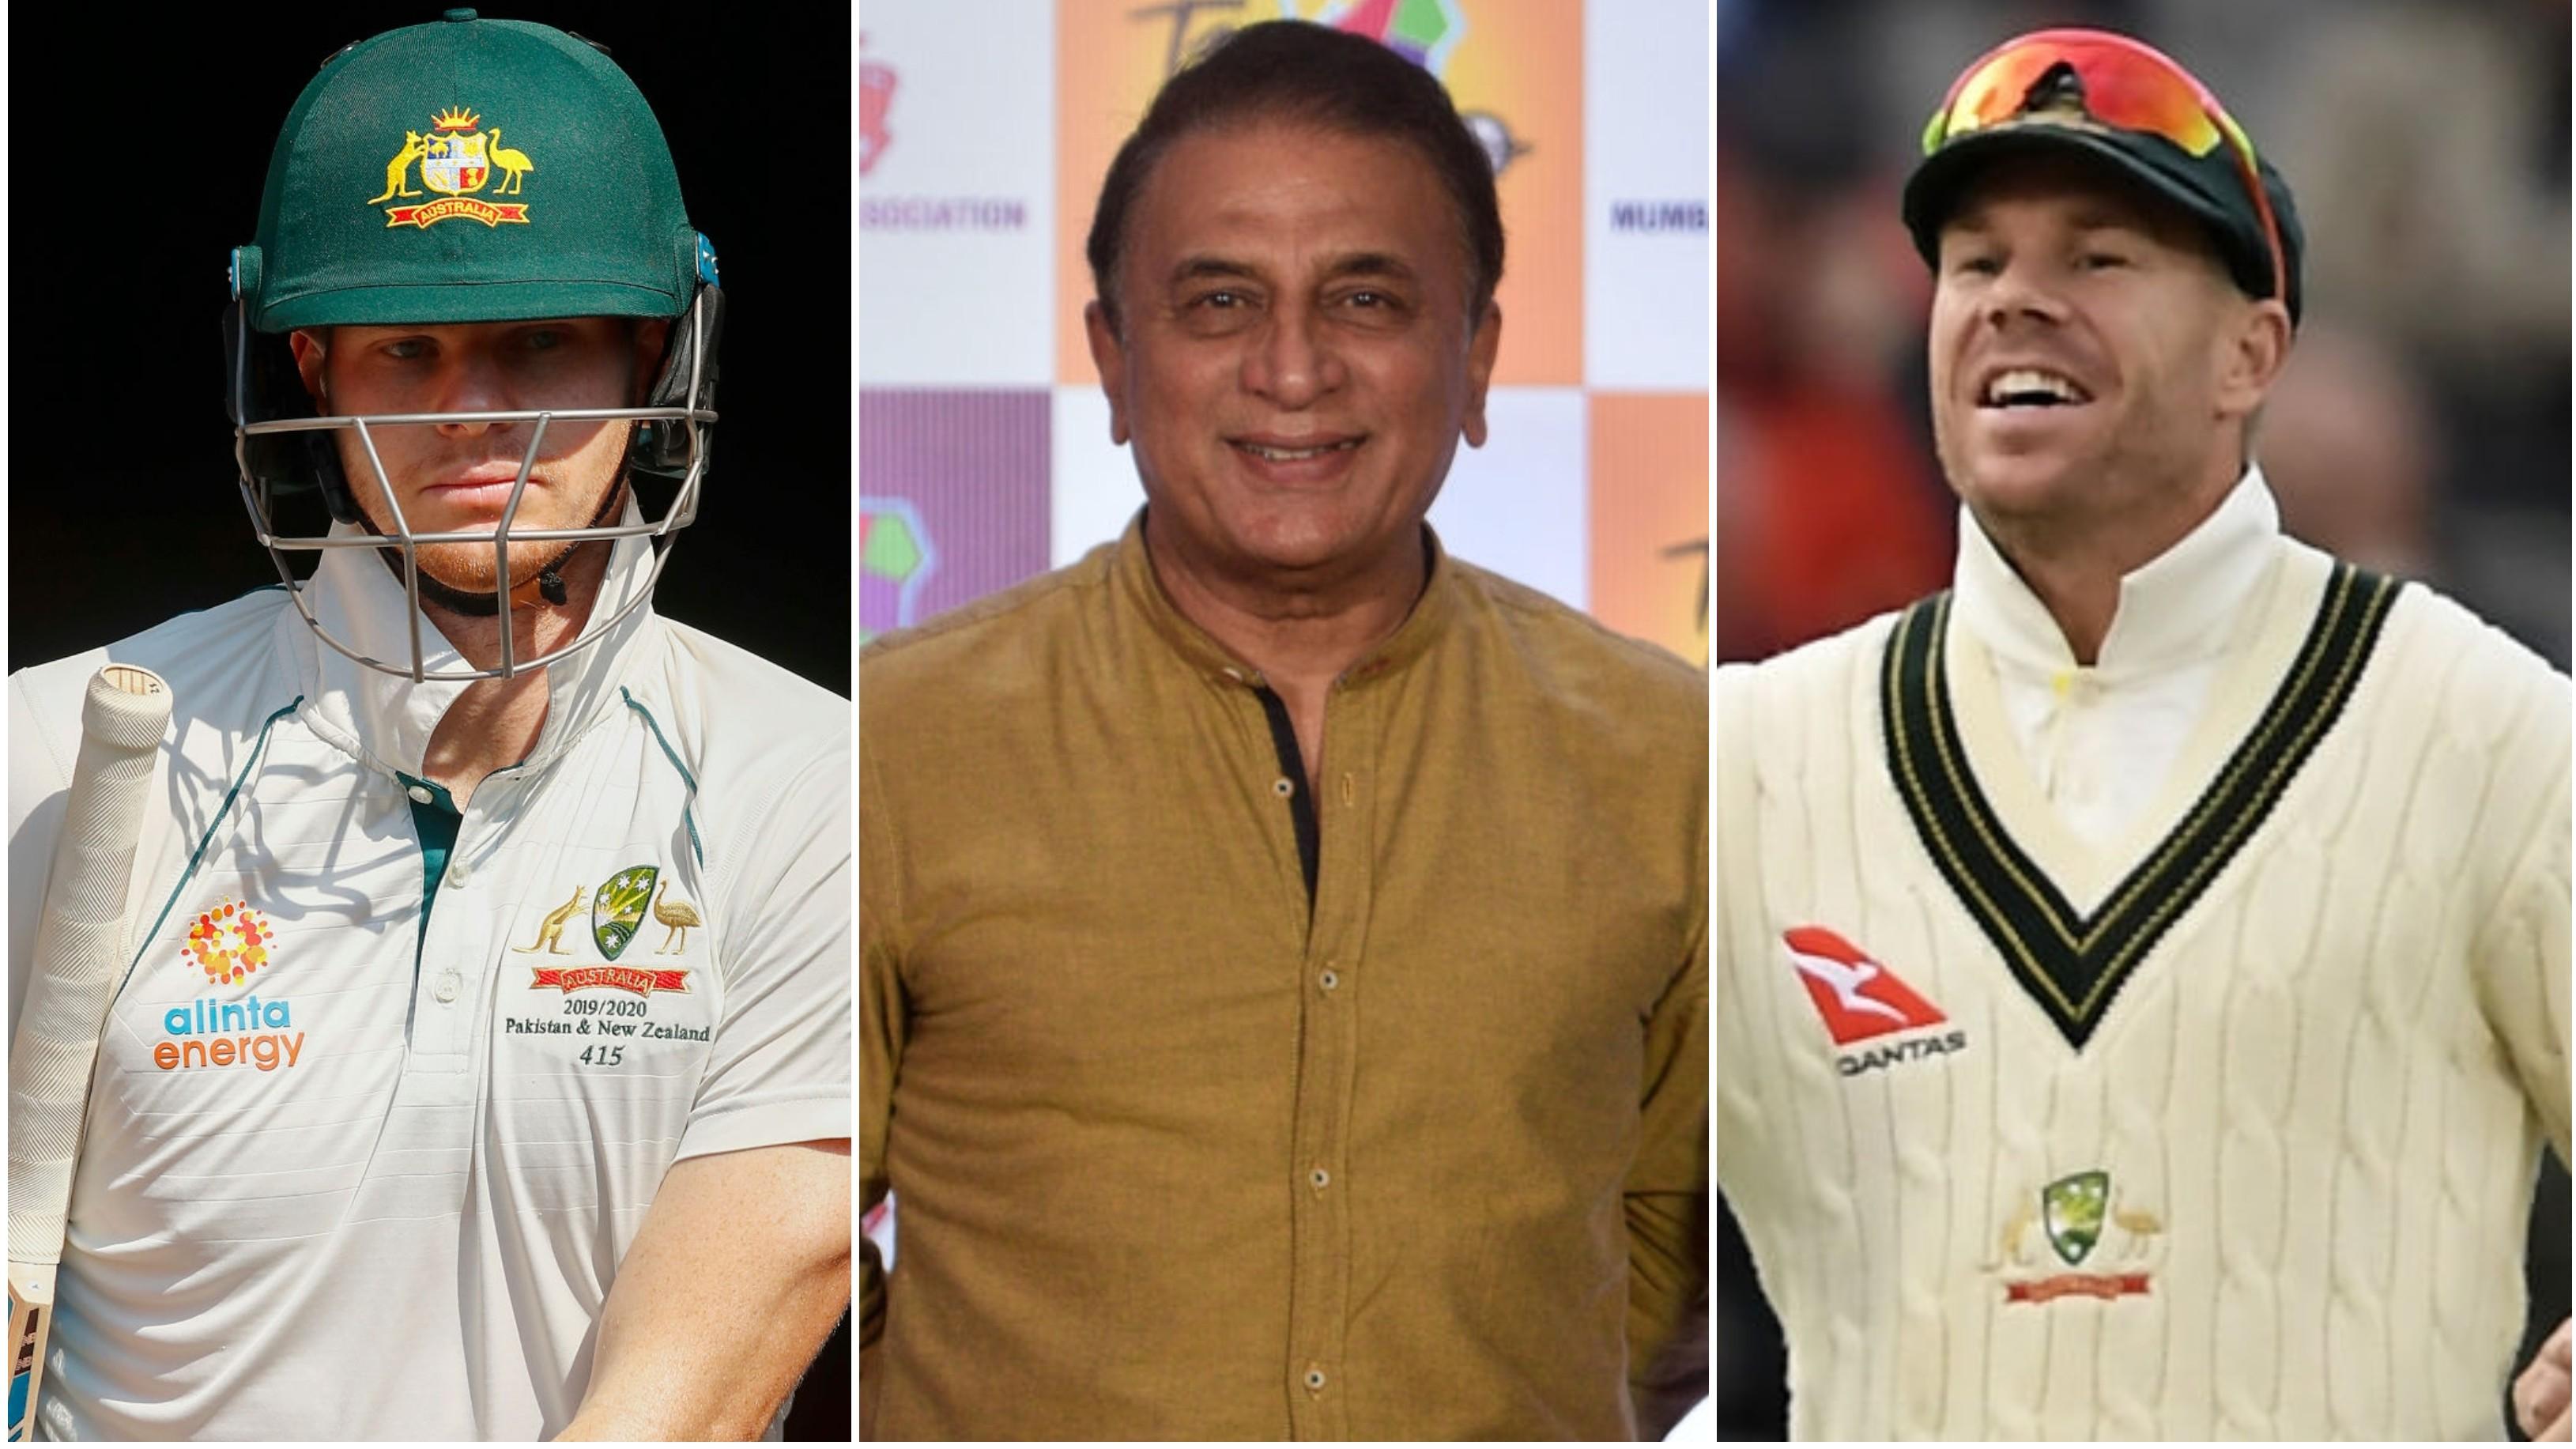 वॉर्नर और स्मिथ की वापसी के बाद भारत का ऑस्ट्रेलिया में जीतना आसान नहीं होगा : सुनील गावस्कर